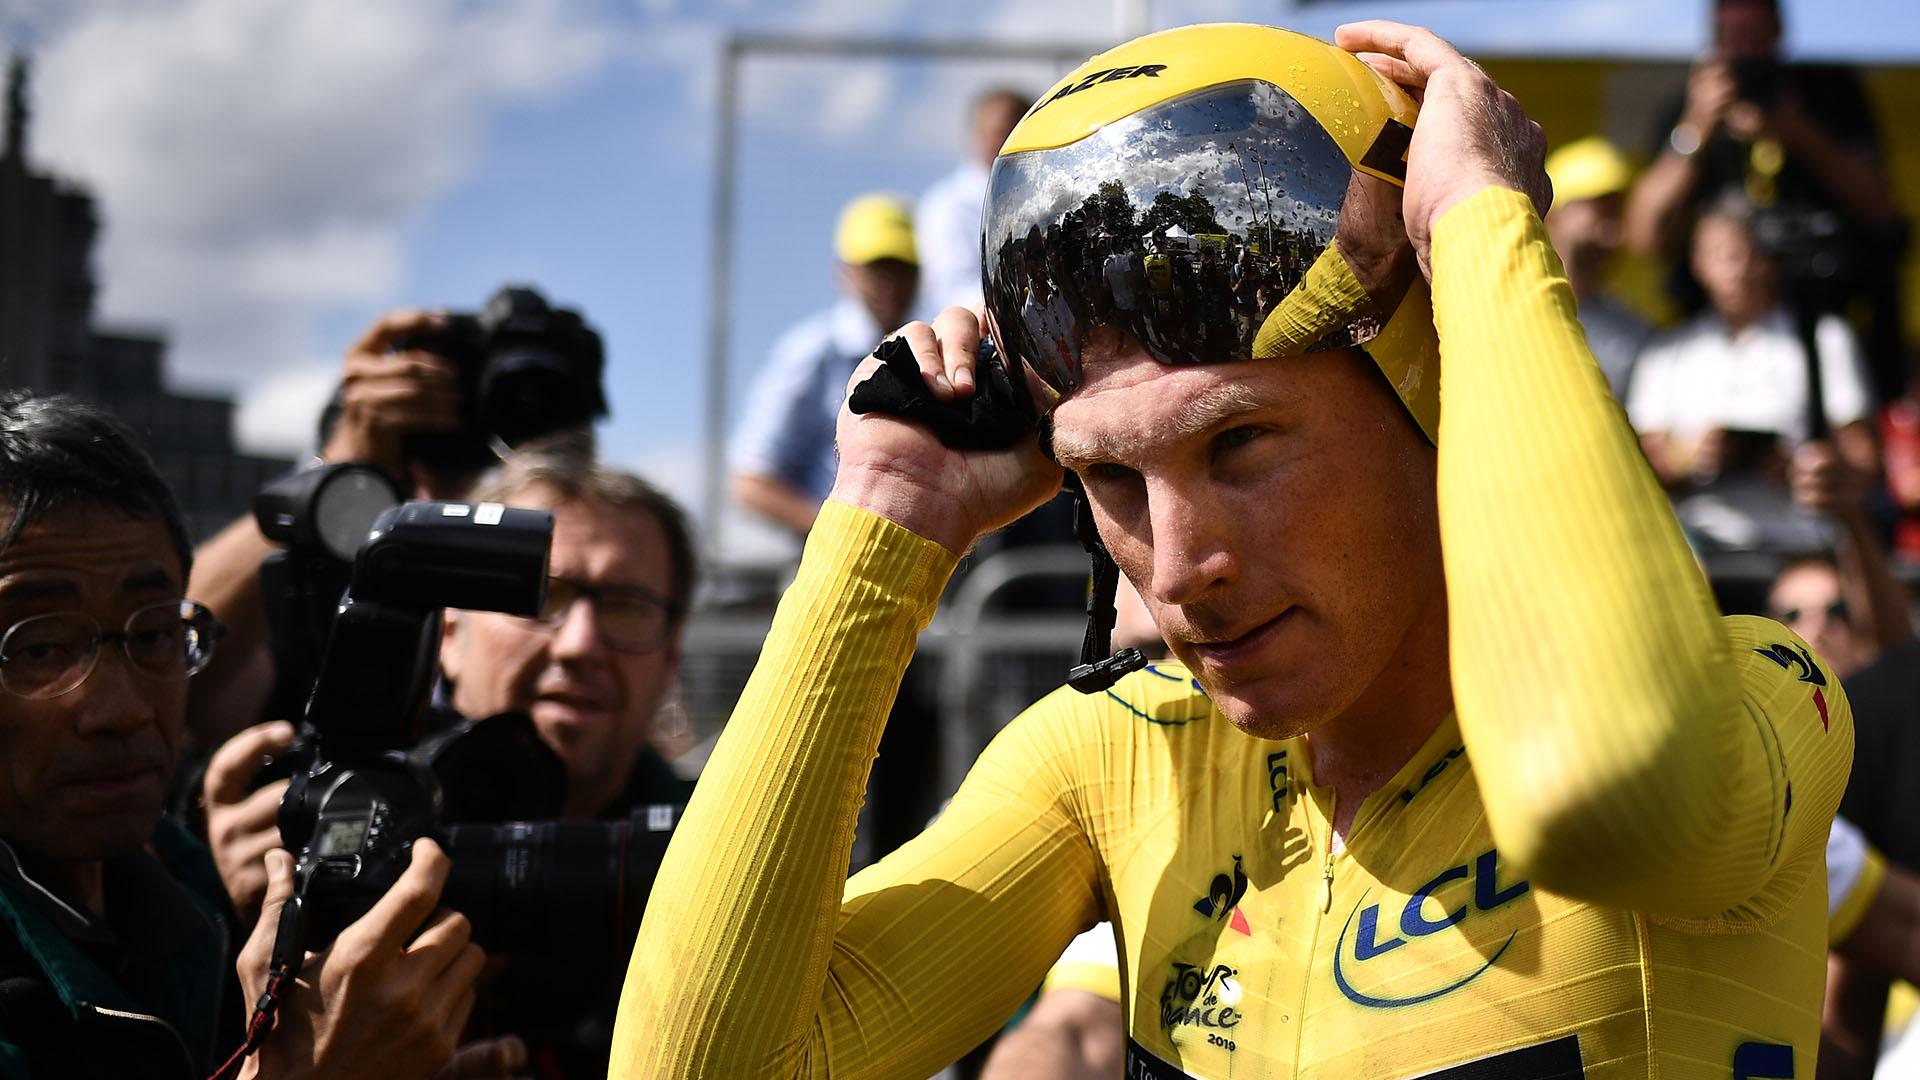 Teunissen, vencedor la víspera, se mantiene de esta manera líder de una general en la que los candidatos al maillot amarillo están muy cerca unos de otros